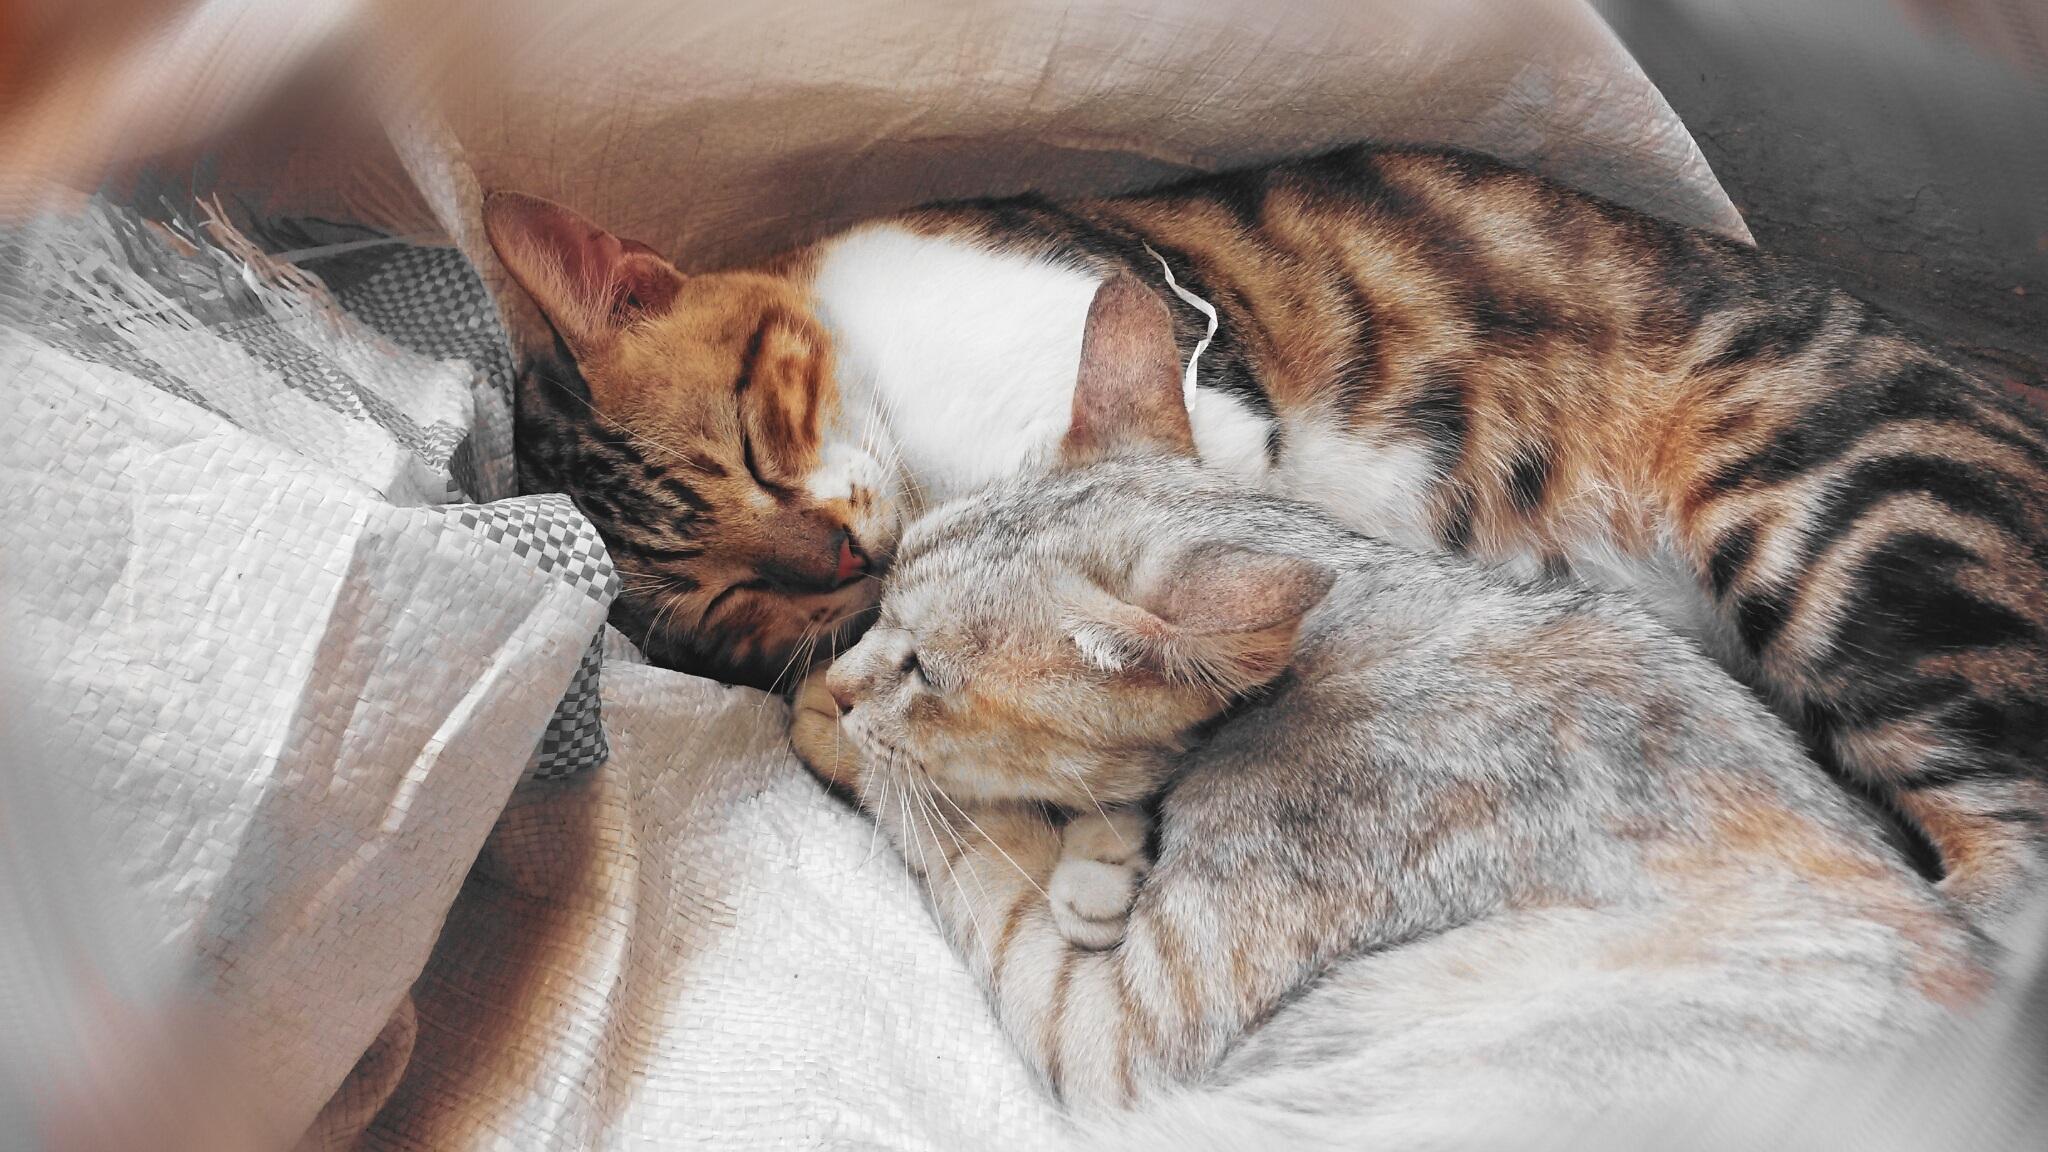 Download 89+  Gambar Kucing Lucu Berpelukan Terbaru HD